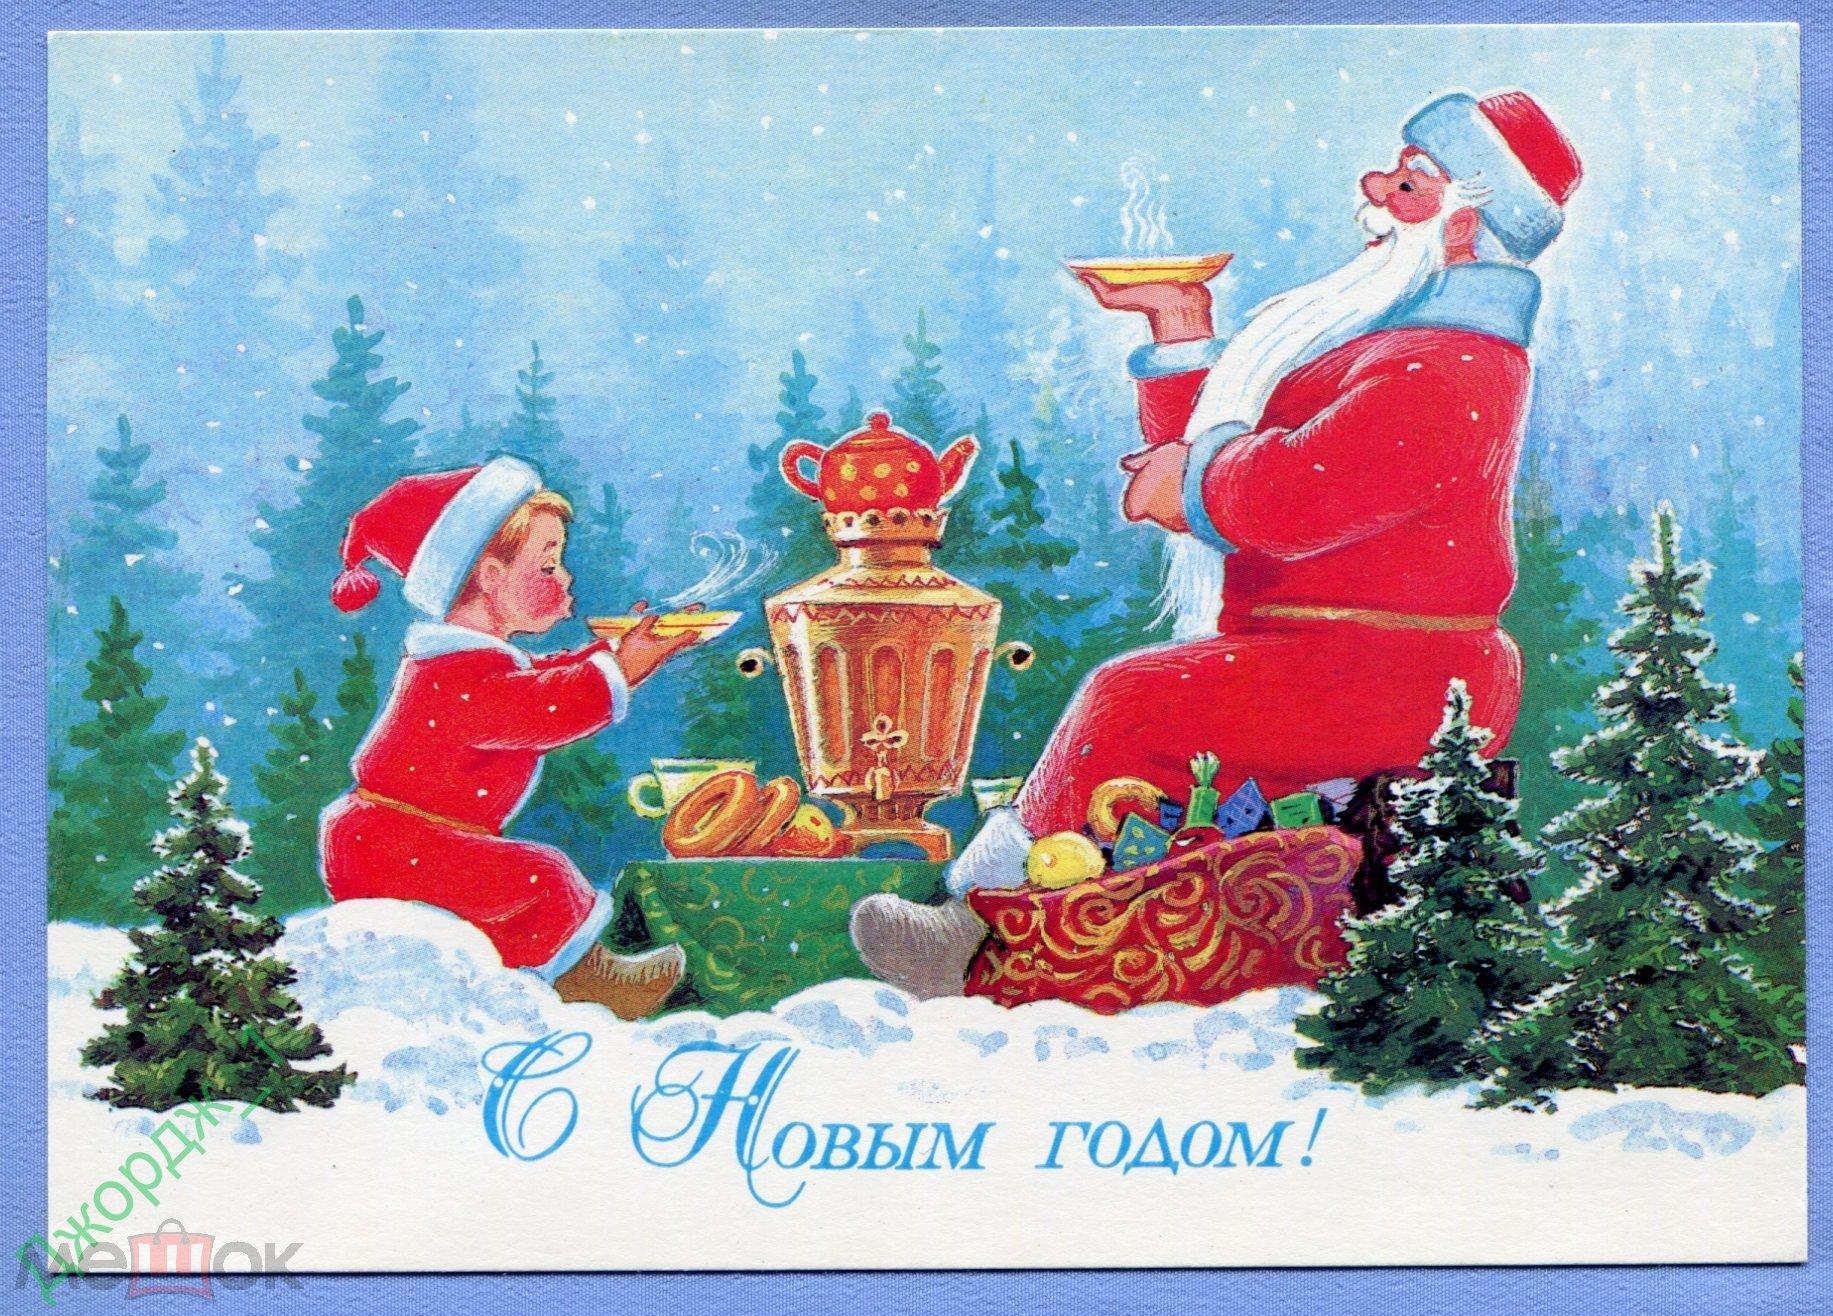 Новогодние открытки ссср с дедом морозом, для сотрудников